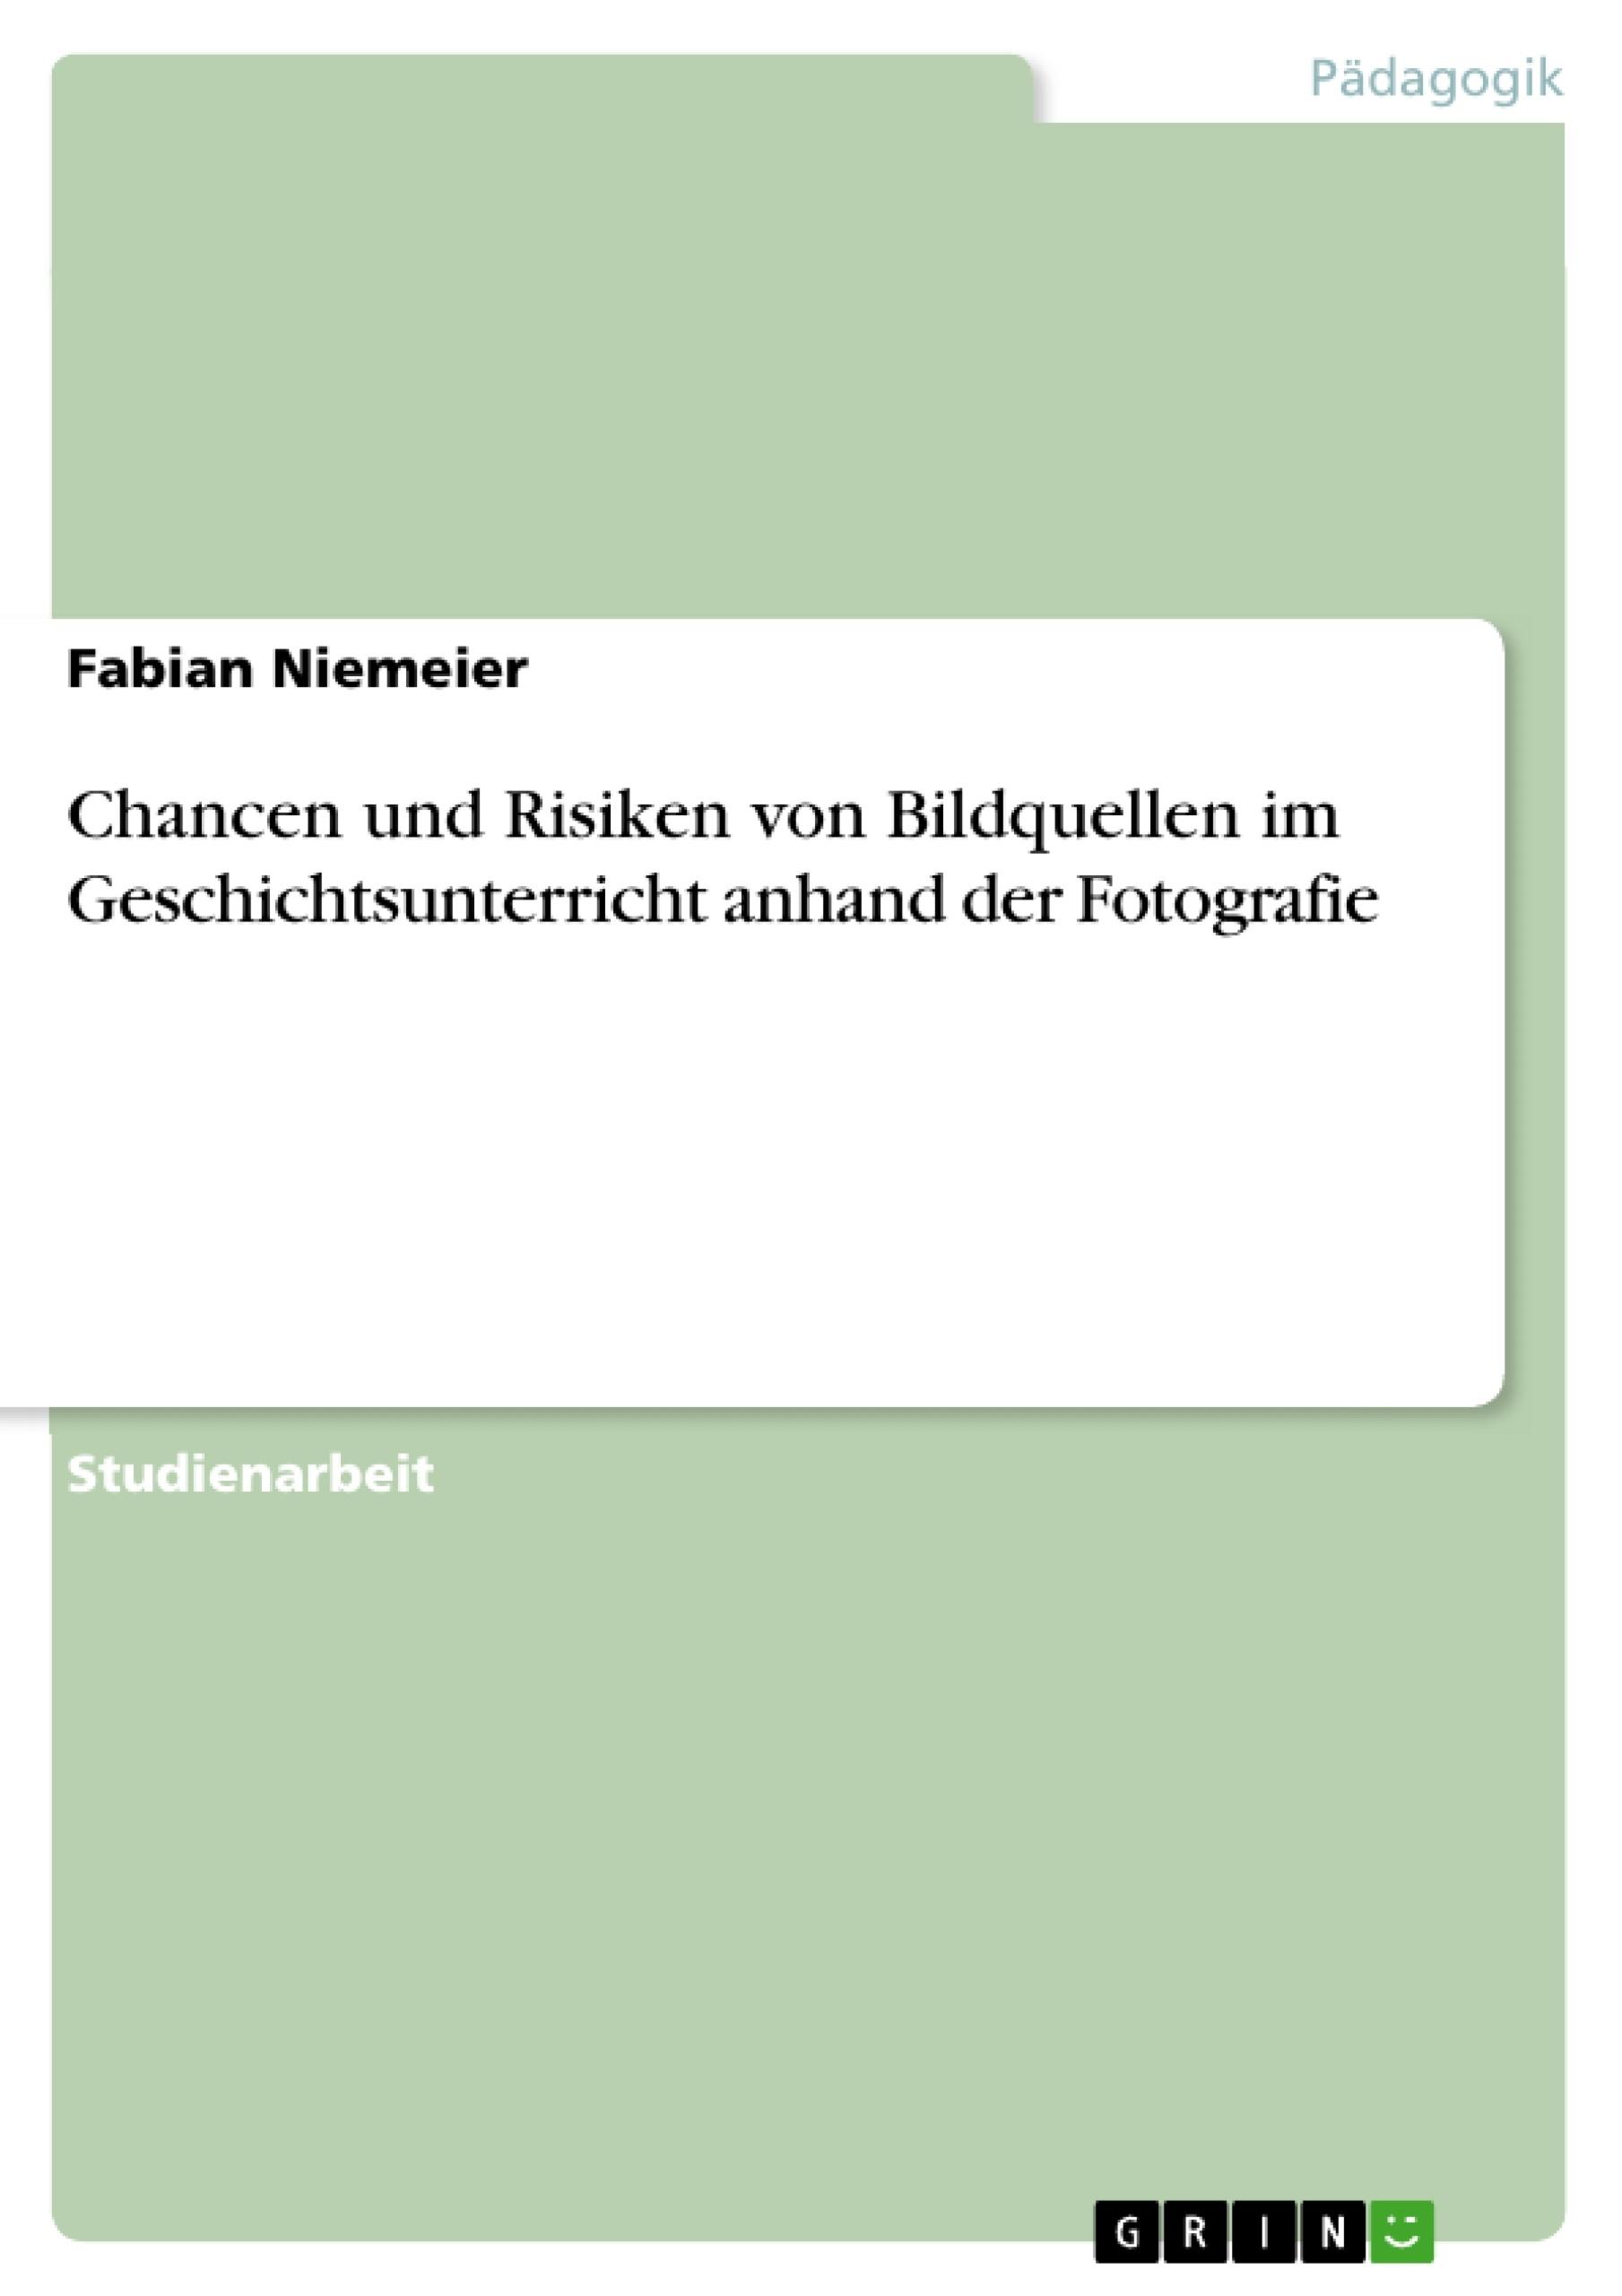 Titel: Chancen und Risiken von Bildquellen im Geschichtsunterricht anhand der Fotografie